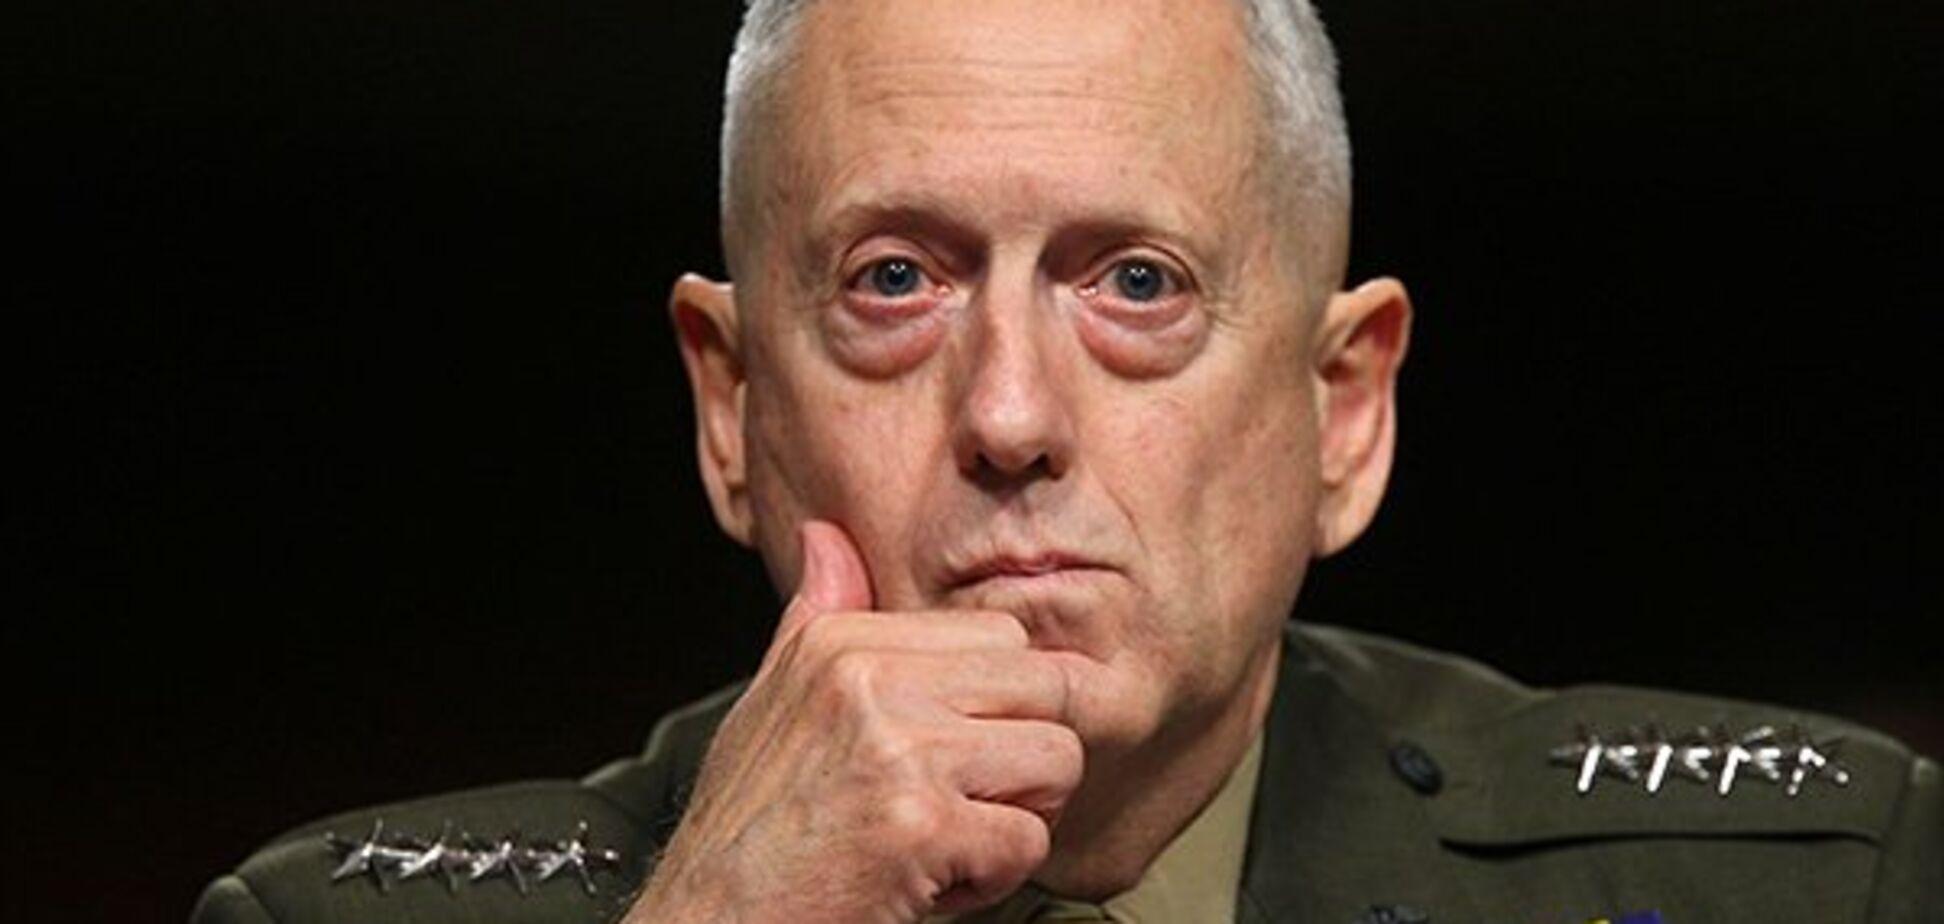 Глава Пентагона рассорился с Трампом из-за России: чем закончился конфликт